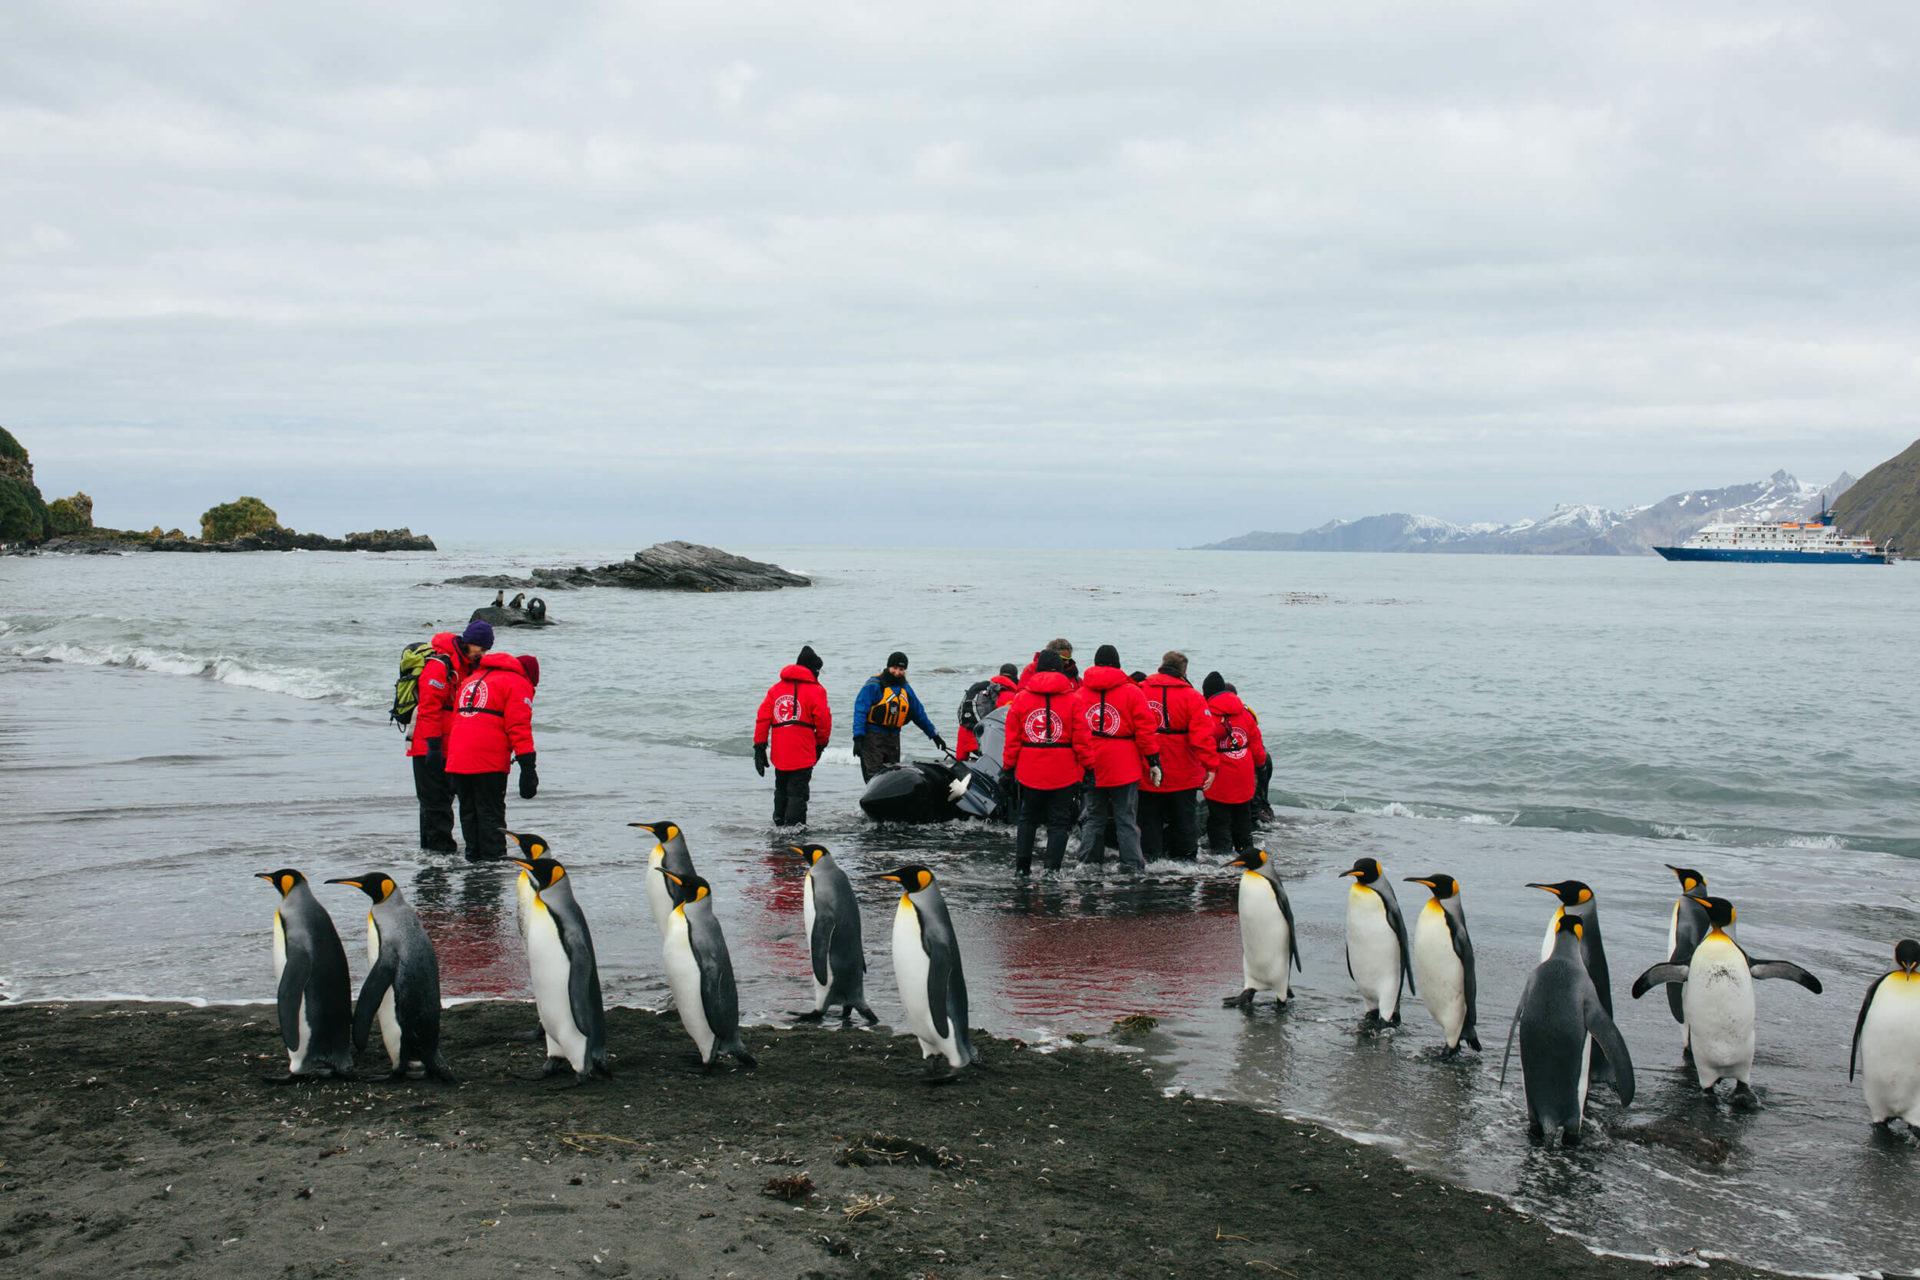 Anlandung mit dem Zodiac an einem Strand mit Pinguinen